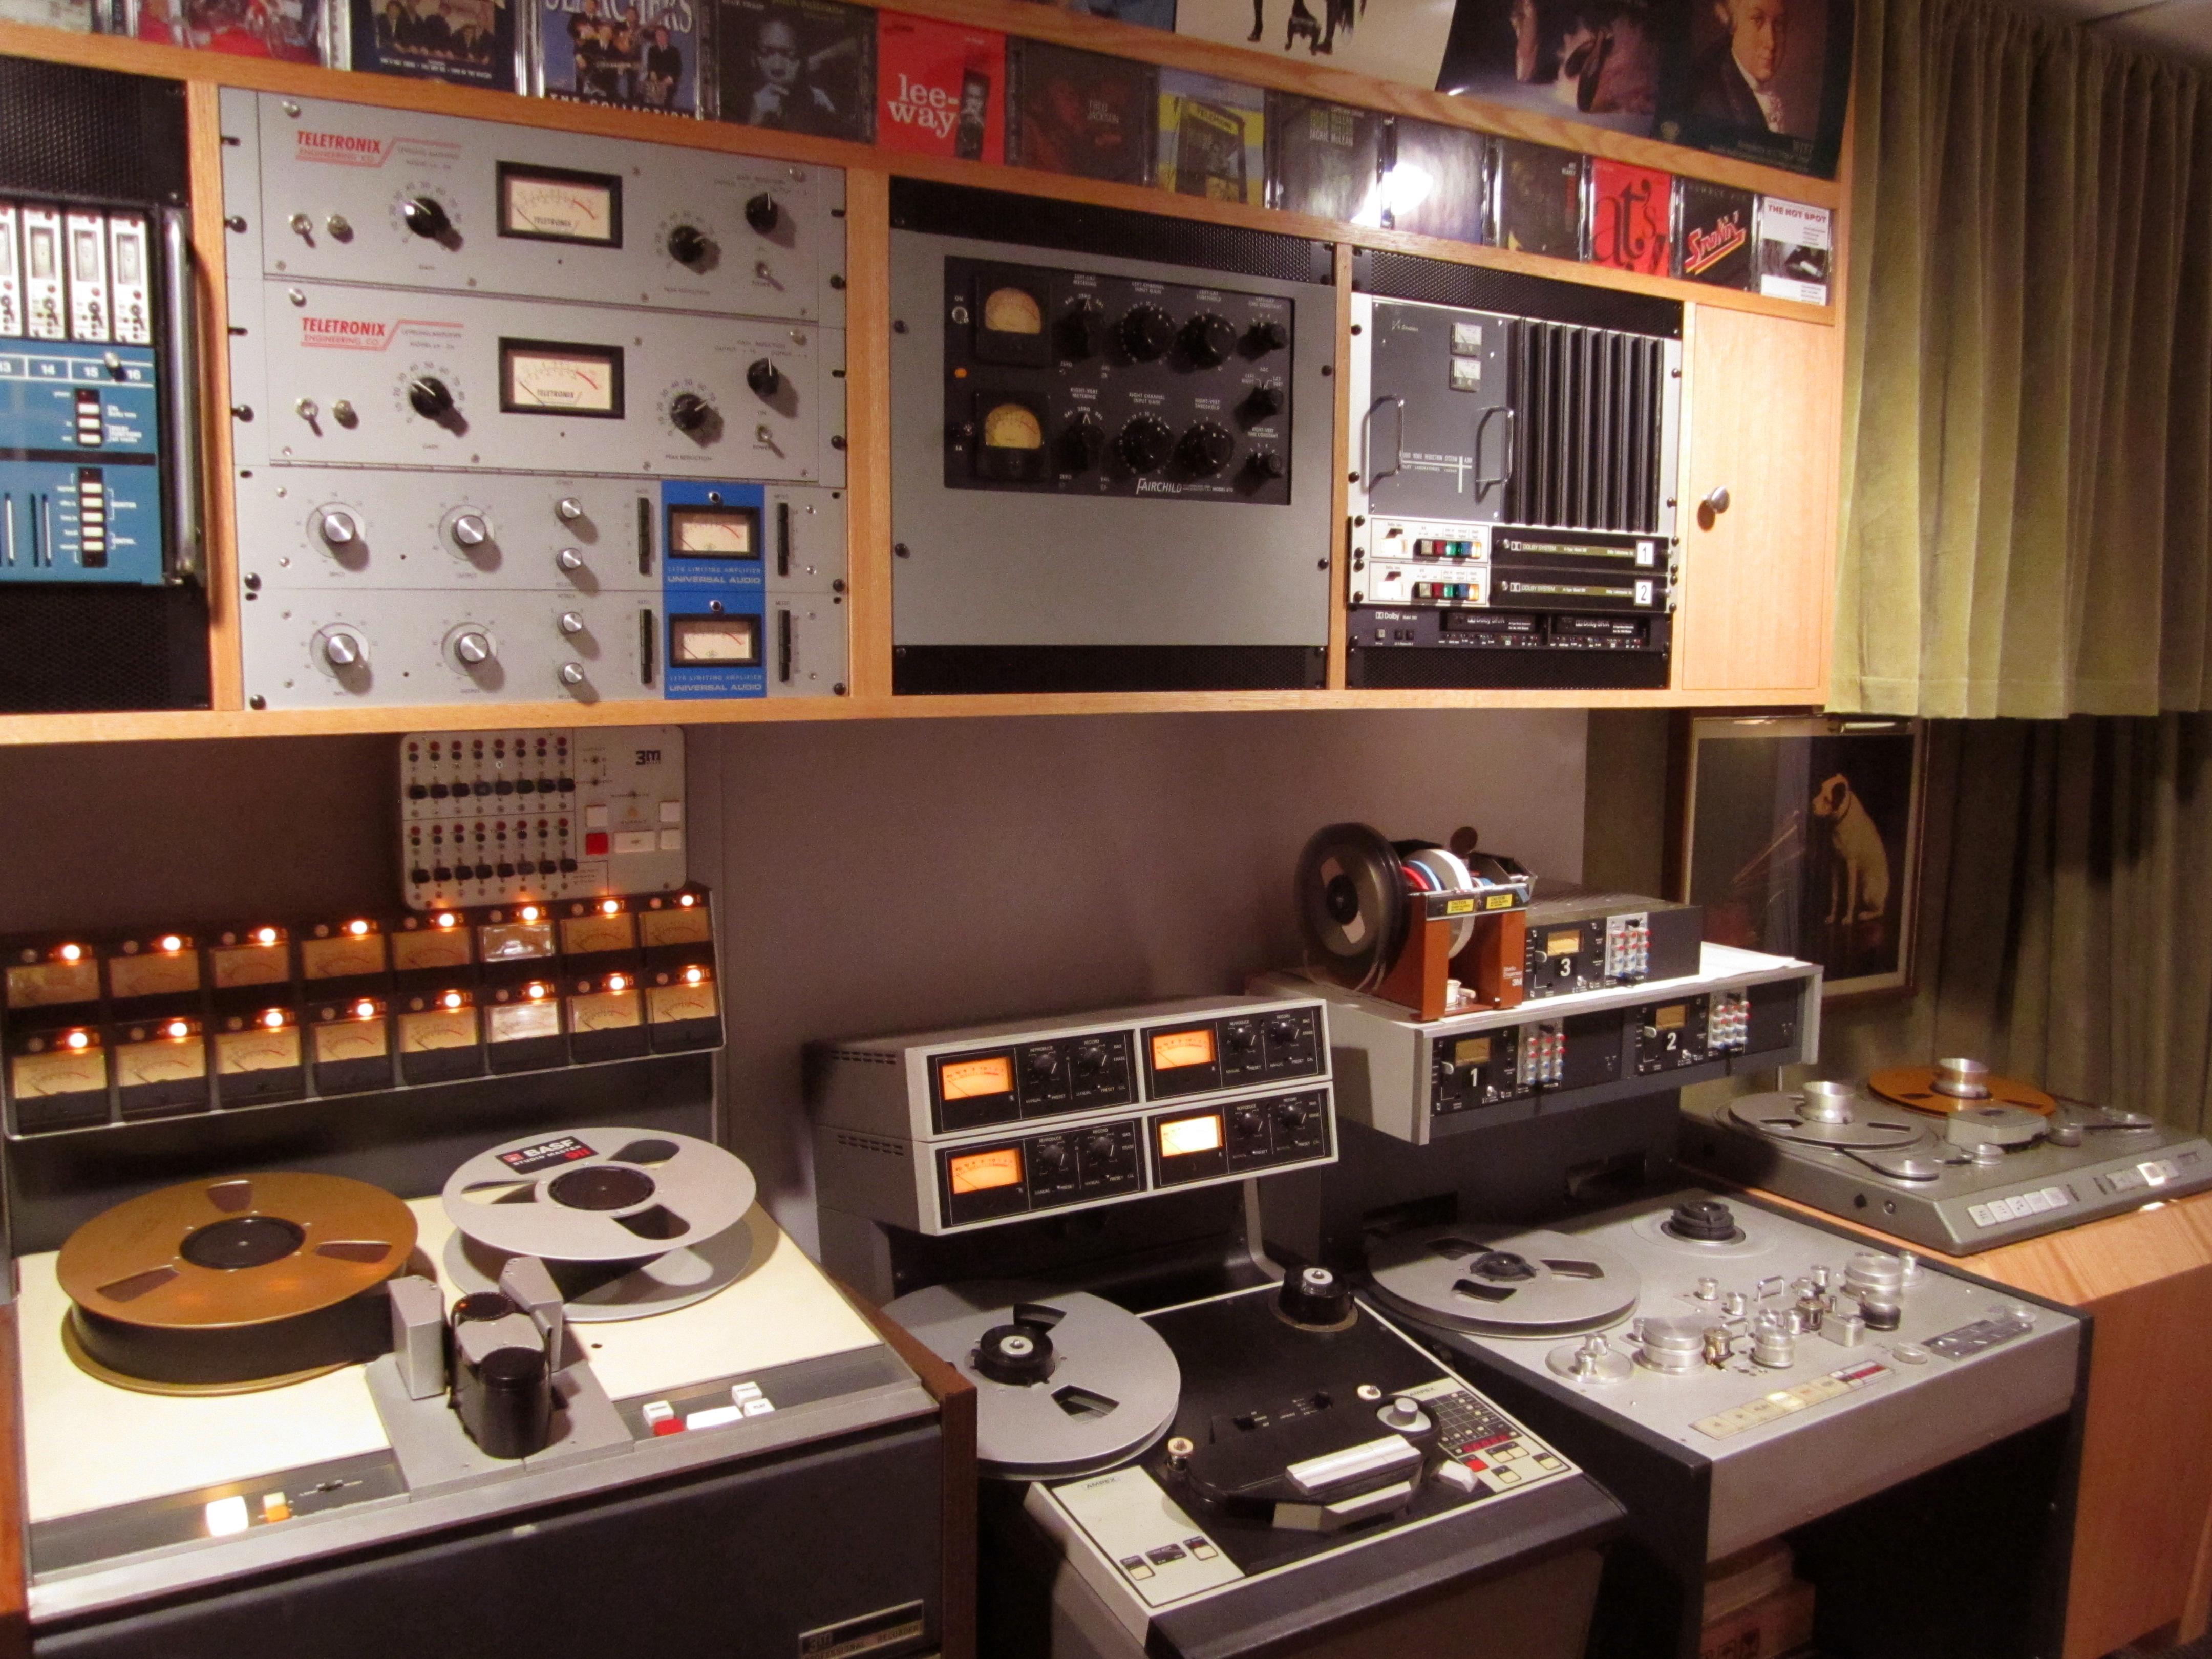 studio 3 13 left